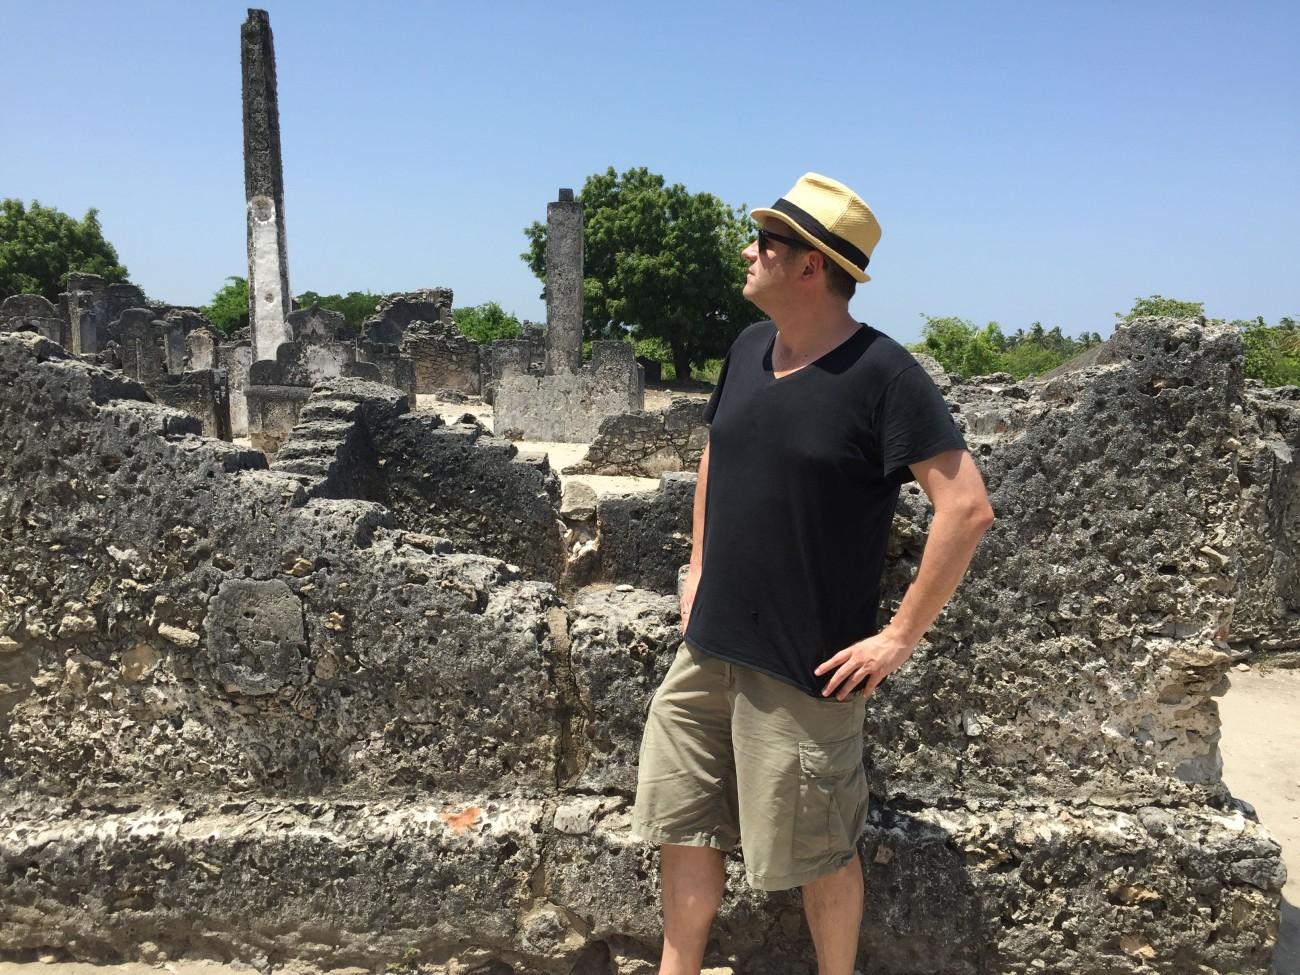 Der Autor sinniert in der Ruinenlandschaft darüber, ob er wohl das Zeug zum Abenteurer hätte